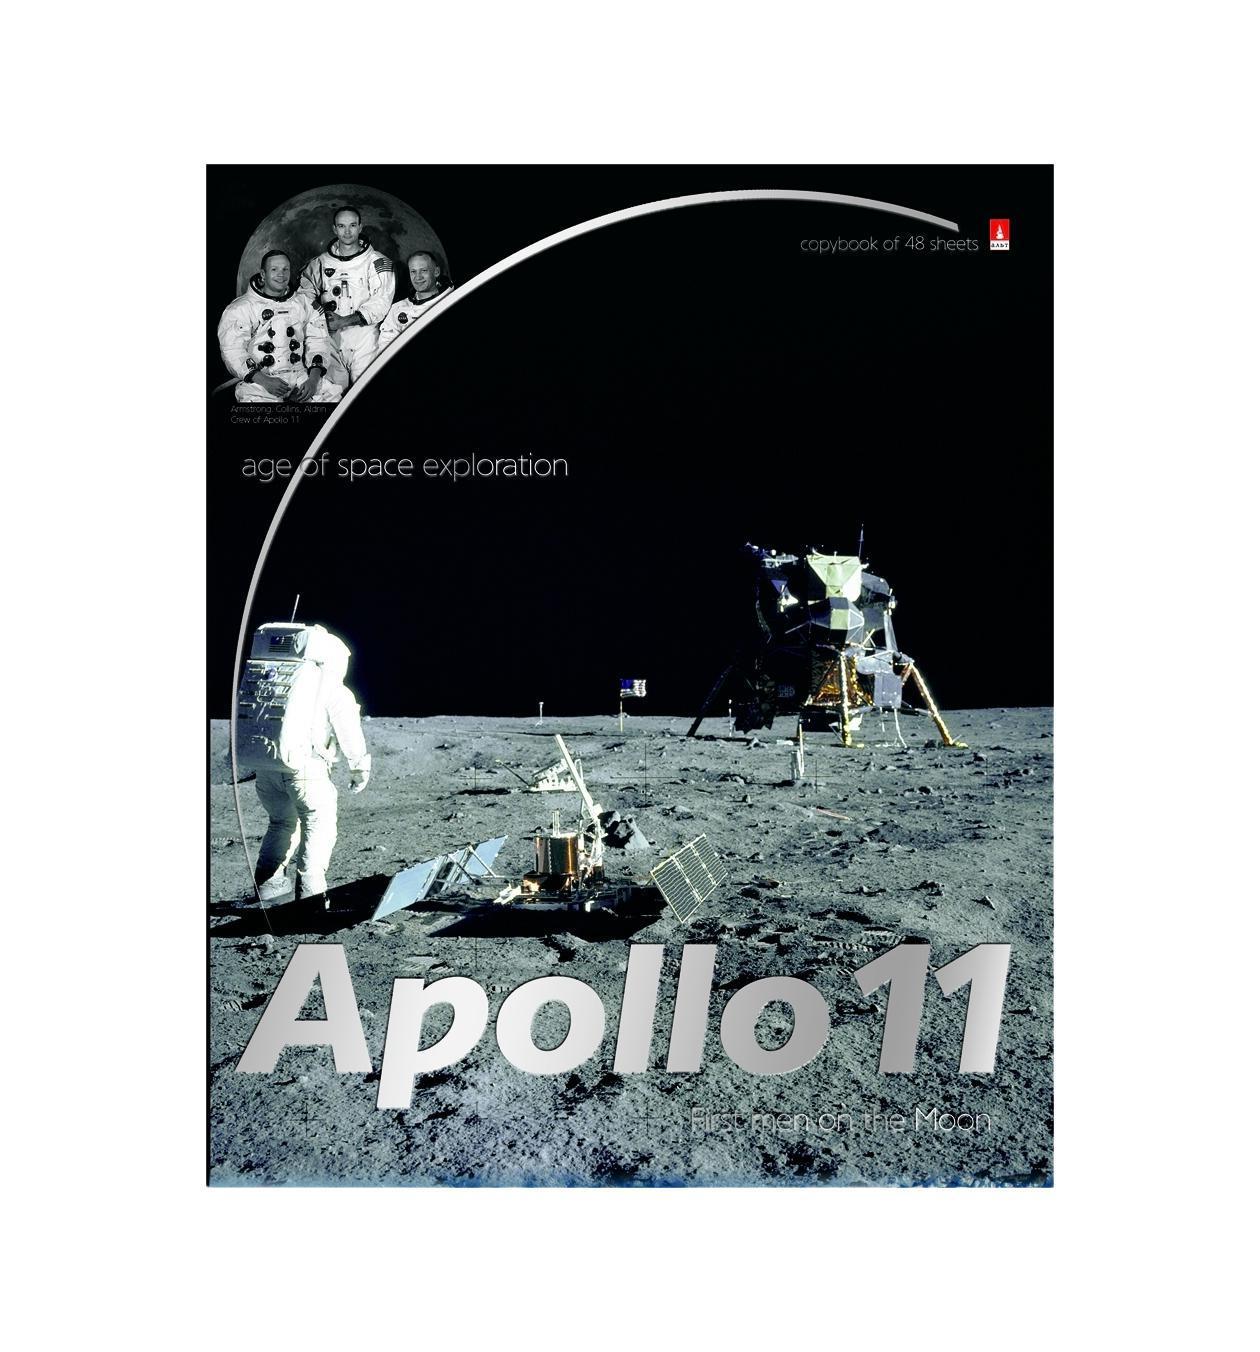 """Набор тетрадей Альт """"Age of Space Exploration"""", 48 листов, 5 шт"""